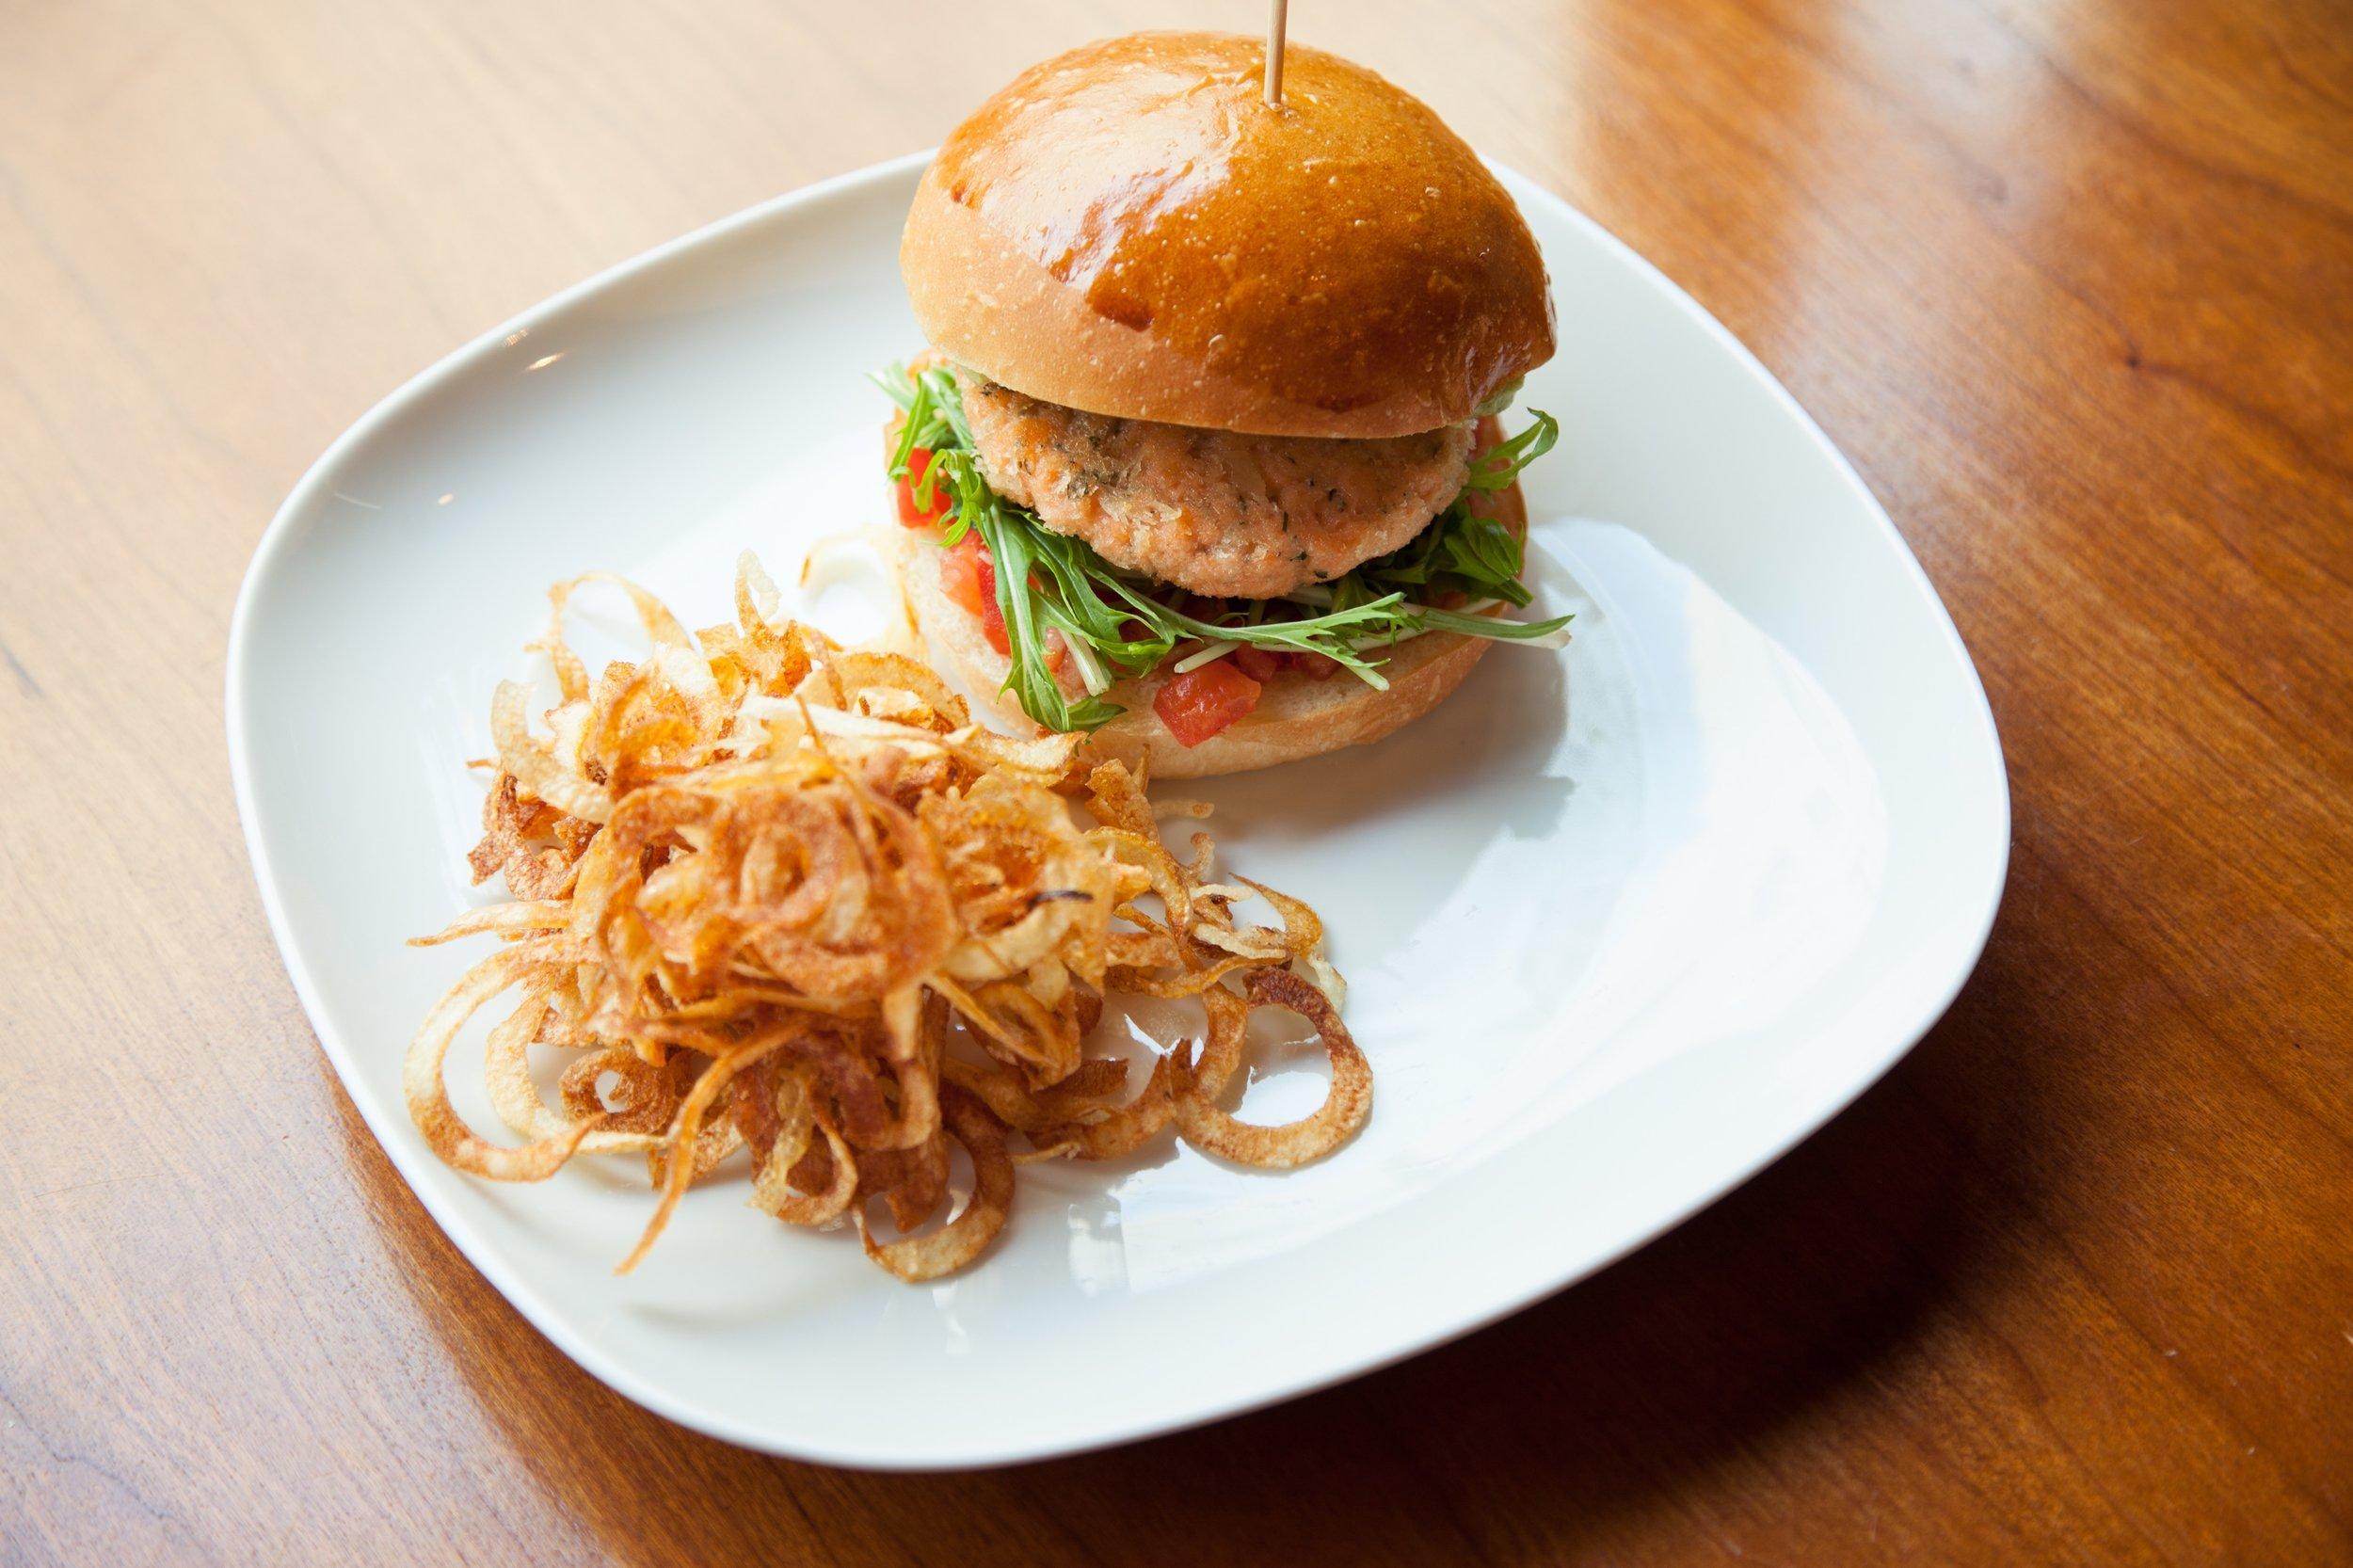 サーモンバーガー アボカド、トマト、カーリーフライドポテト。Salmon Burger w/ Avocado, Tomato, and Curly Fries